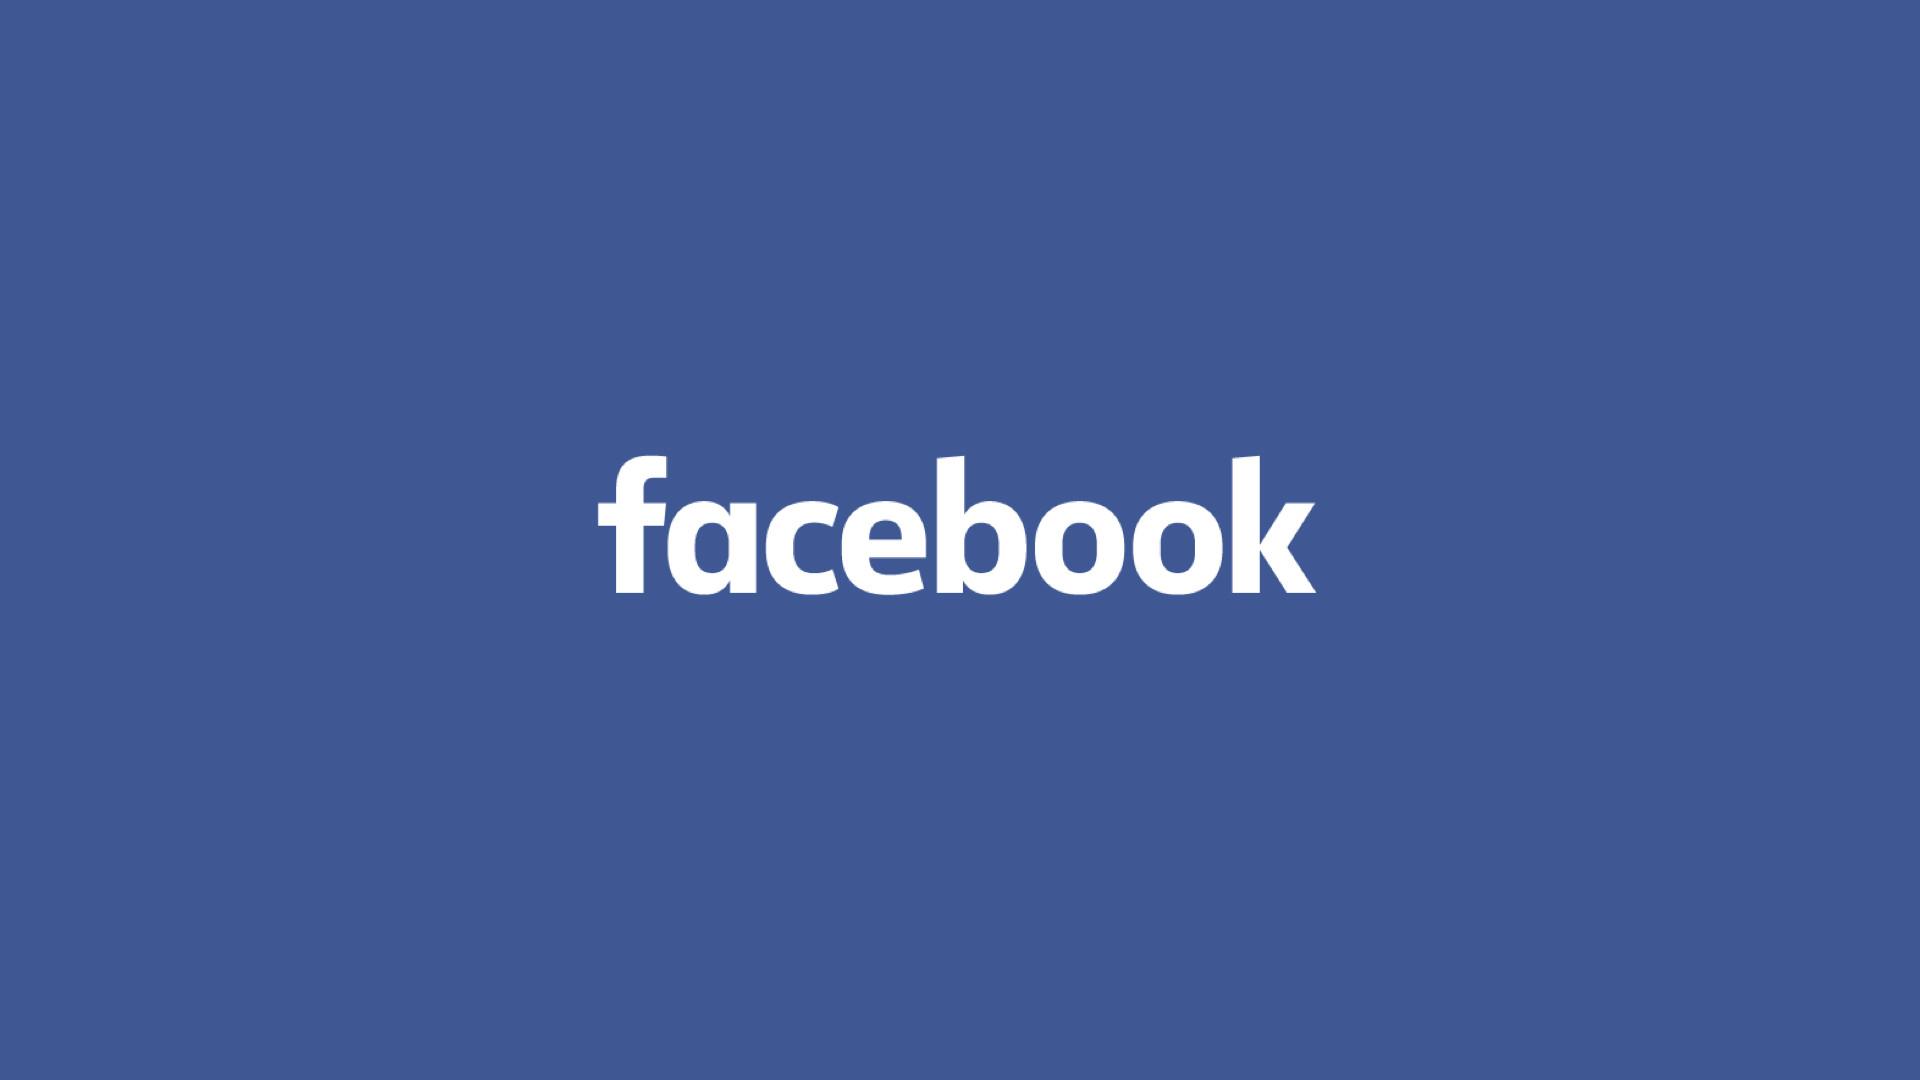 สรุปข่าว การโดนฟ้อง Facebook มาให้อ่านสำหรับคนไม่ชอบอ่านอะไรยาว ๆ